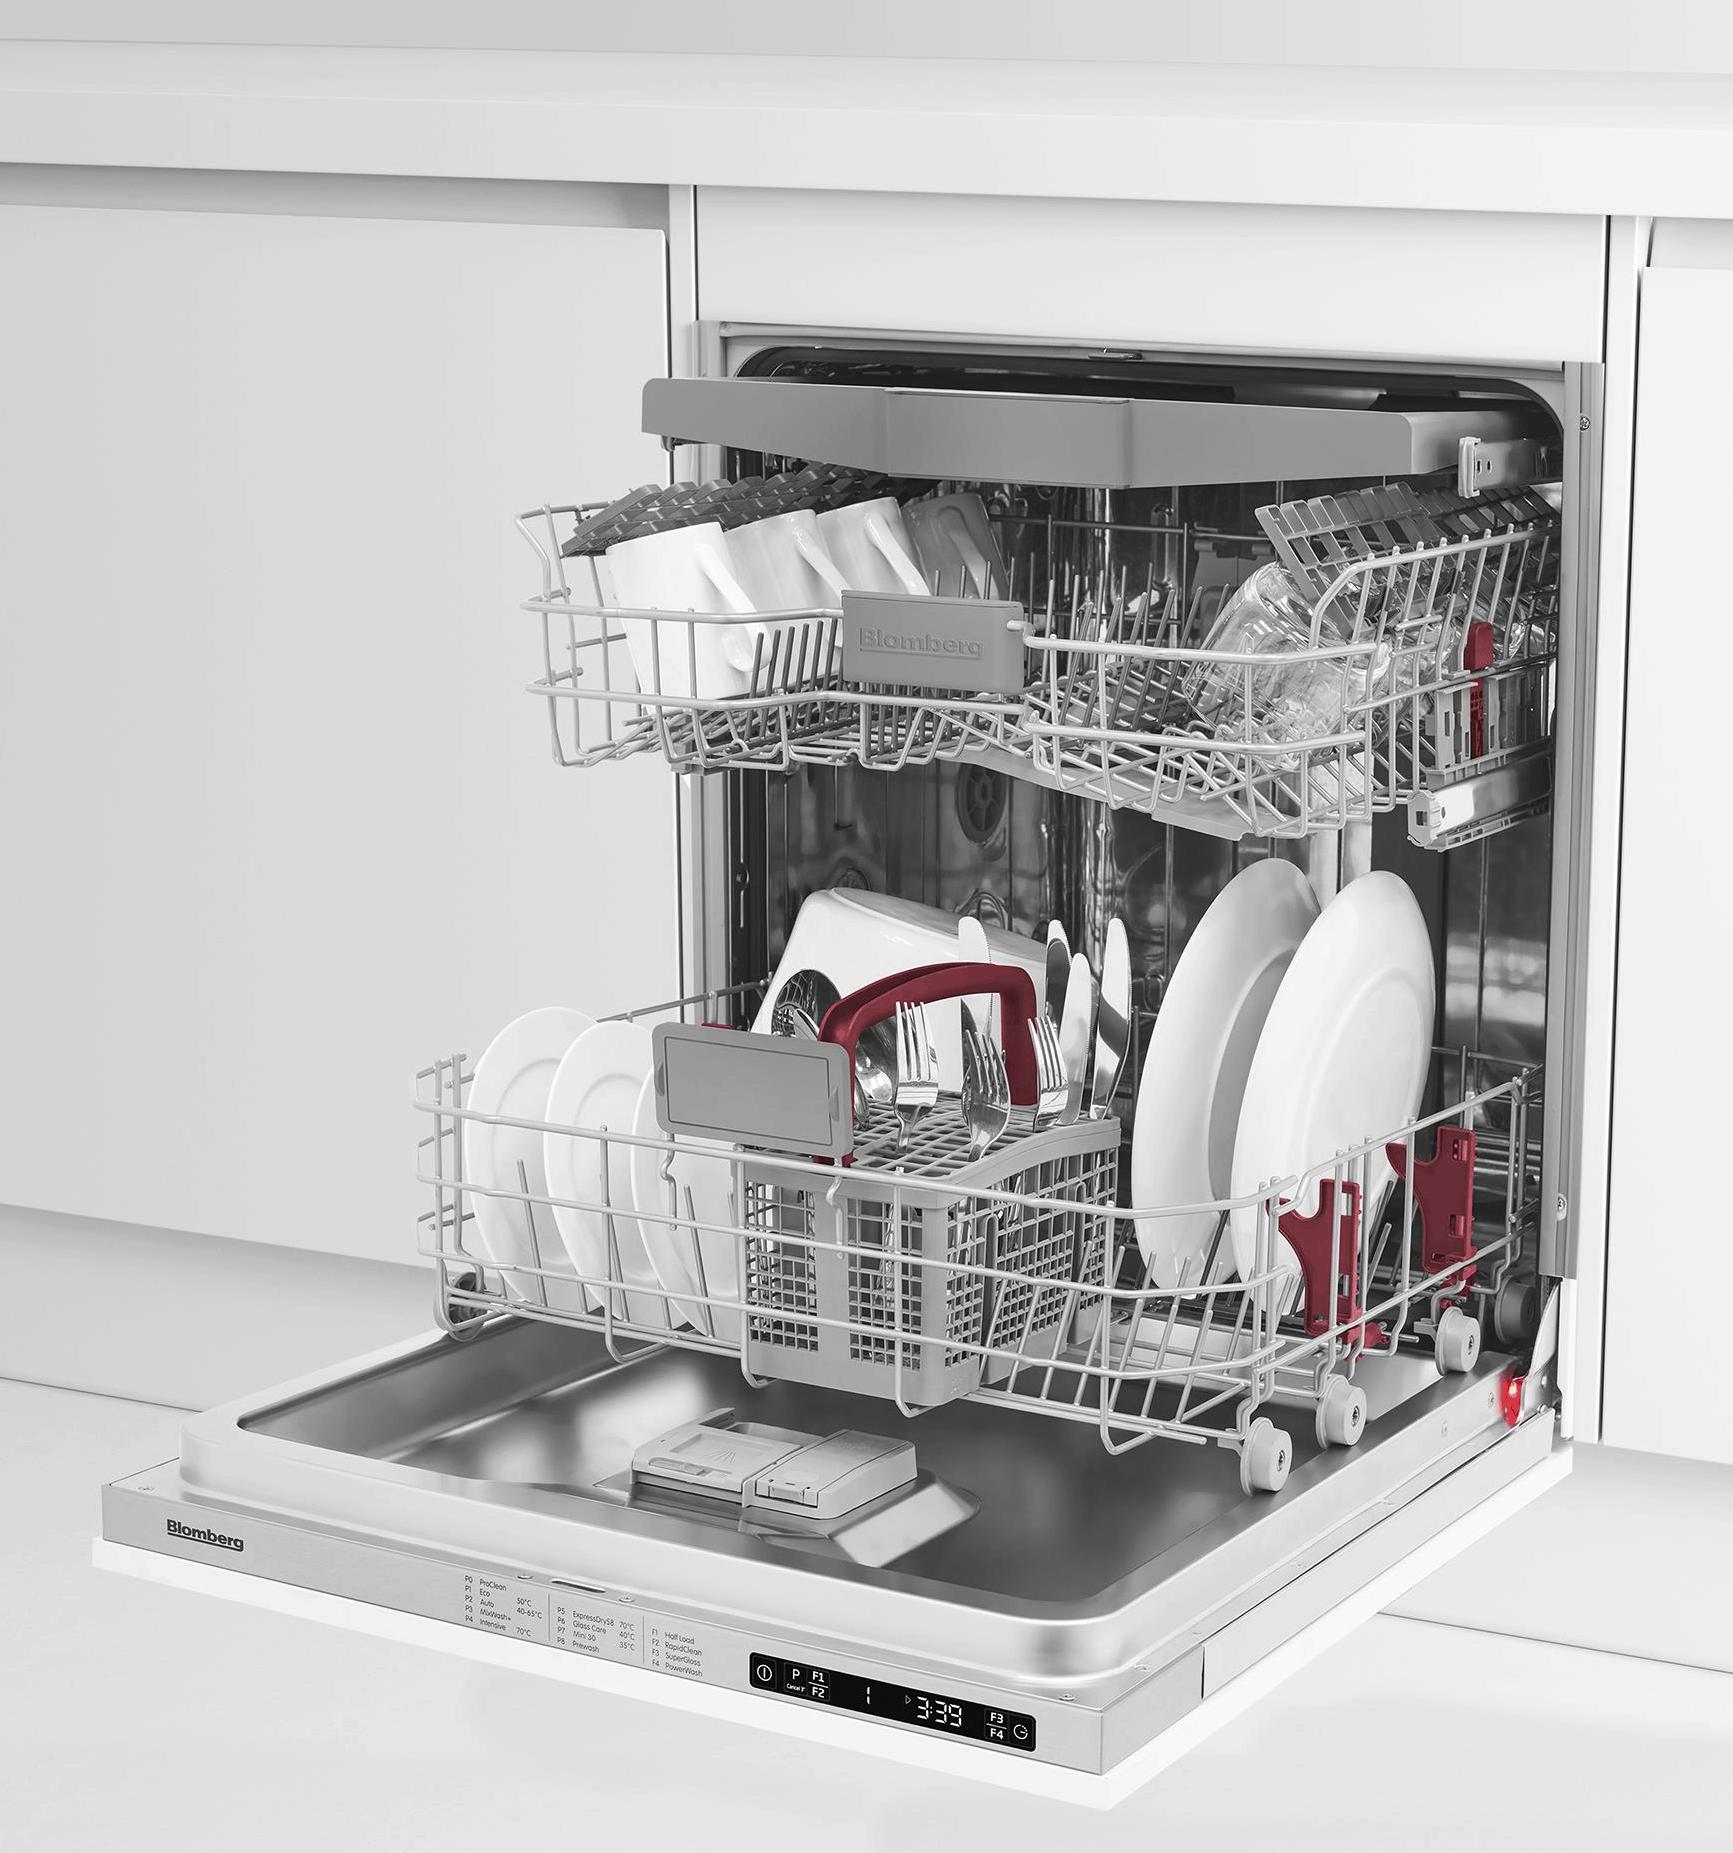 đặt các vật dụng trên máy rửa bát